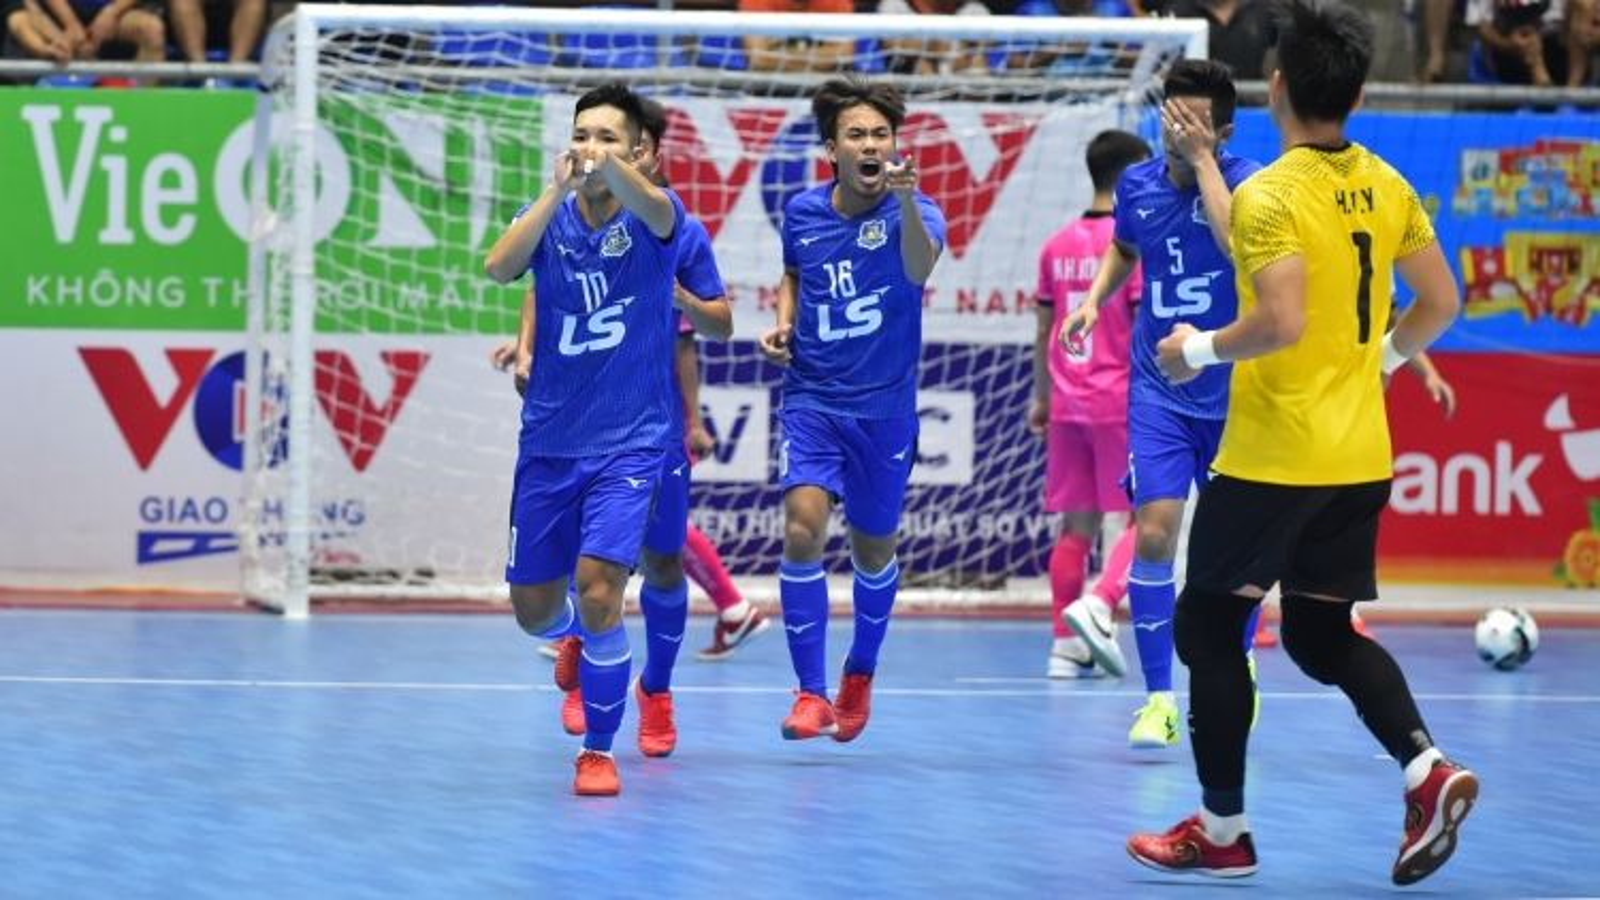 Giải Futsal HDBank VĐQG 2021: Thái Sơn Nam đè bẹp Zetbit Sài Gòn